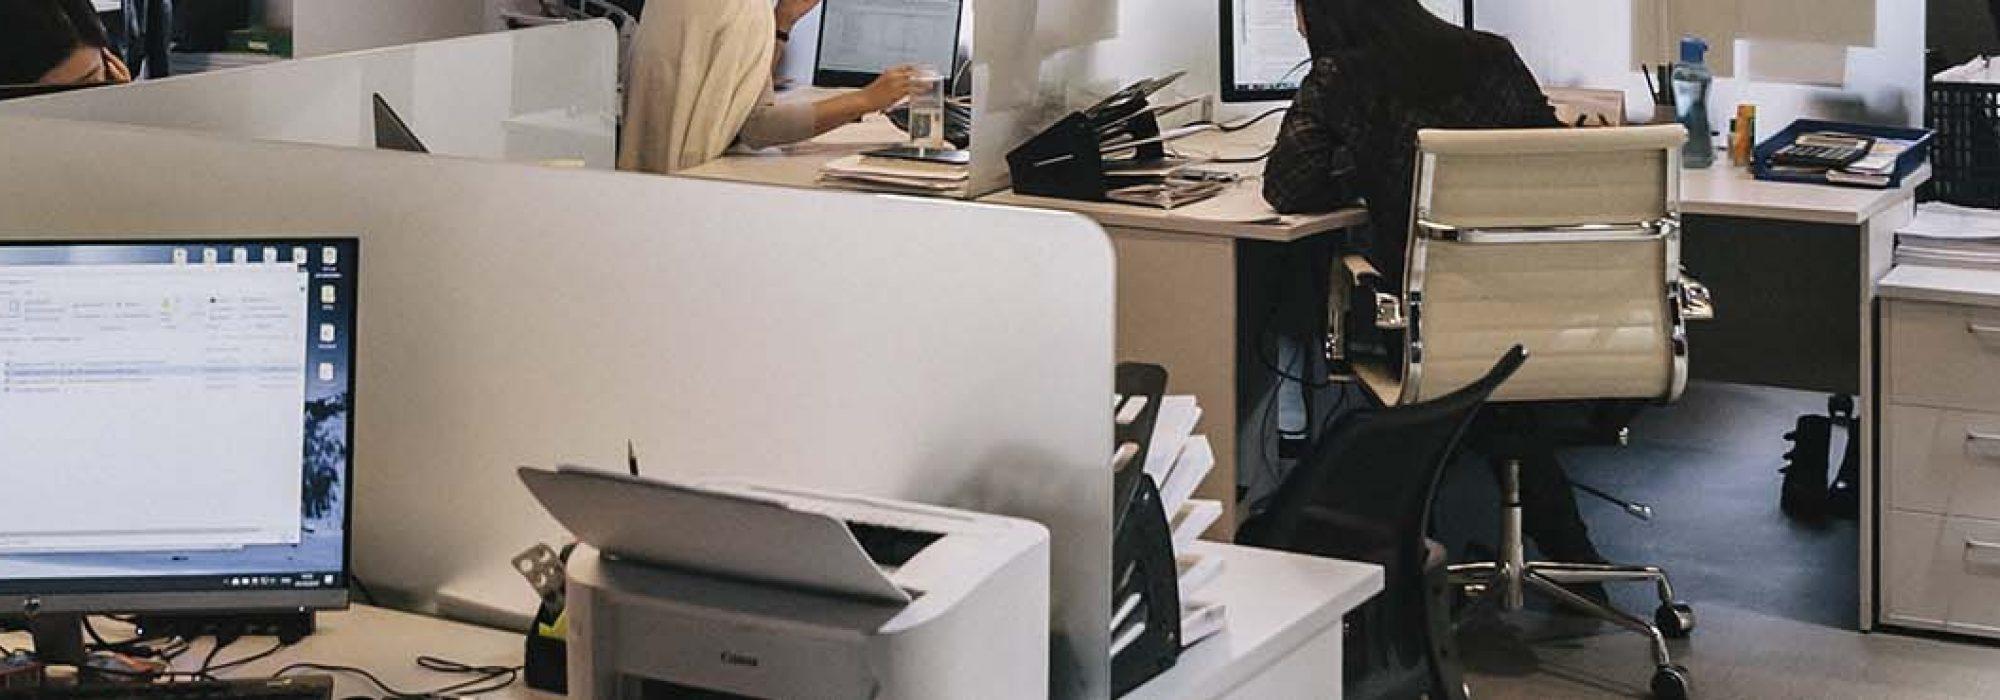 Mantenimiento informático de empresas y particualres en Madrid y Sierra de Madrid